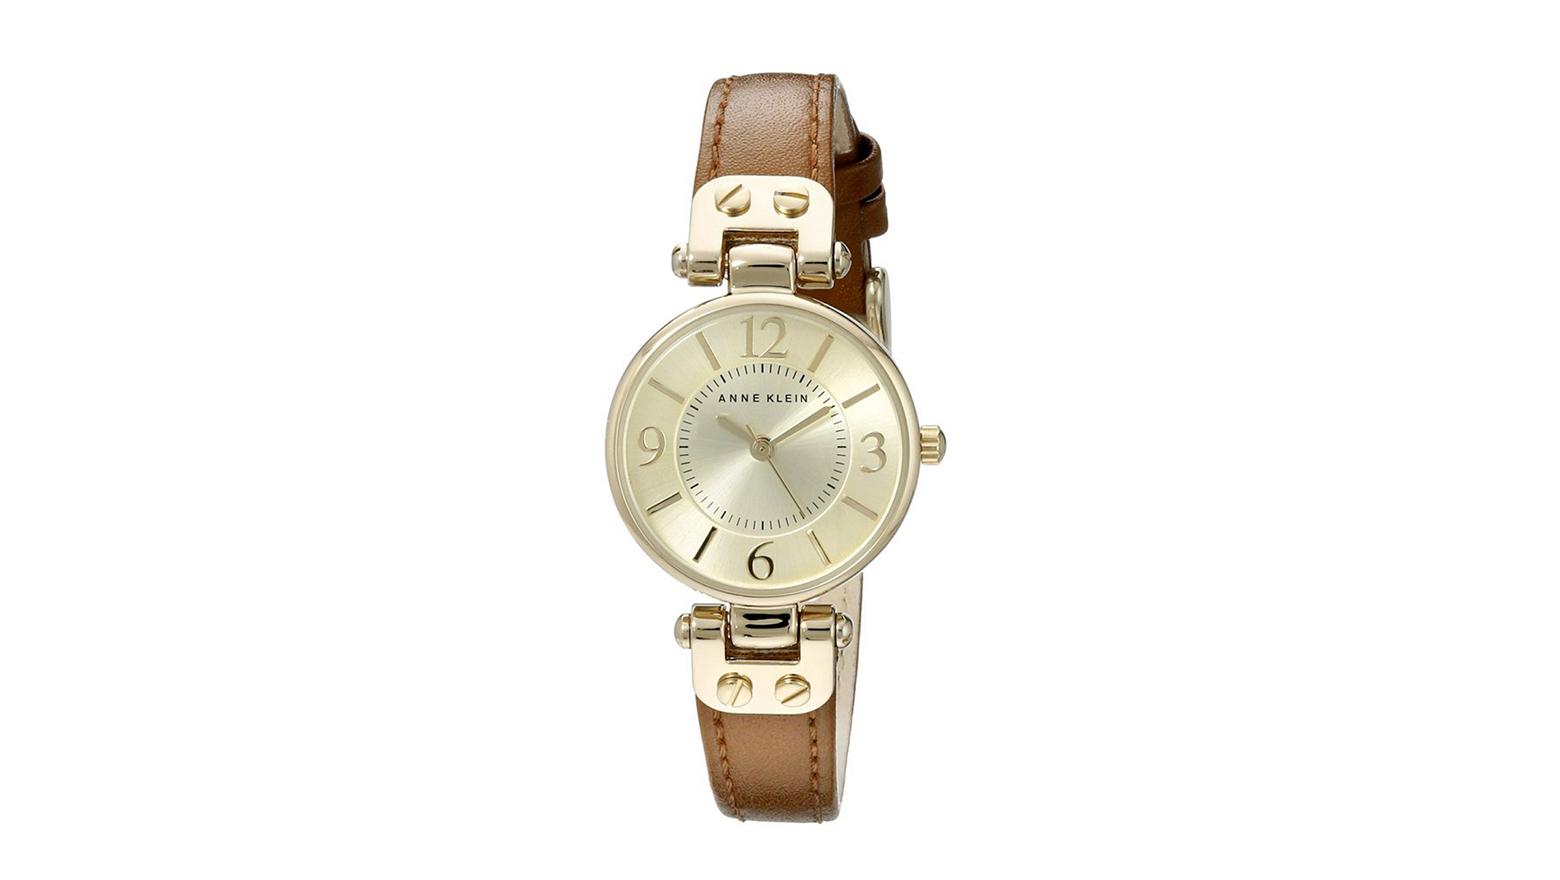 Amazon, cyber monday, cyber monday sales, cyber Monday, watches, womens watches, ladies watches, Anne Klein, Anne Klein watches